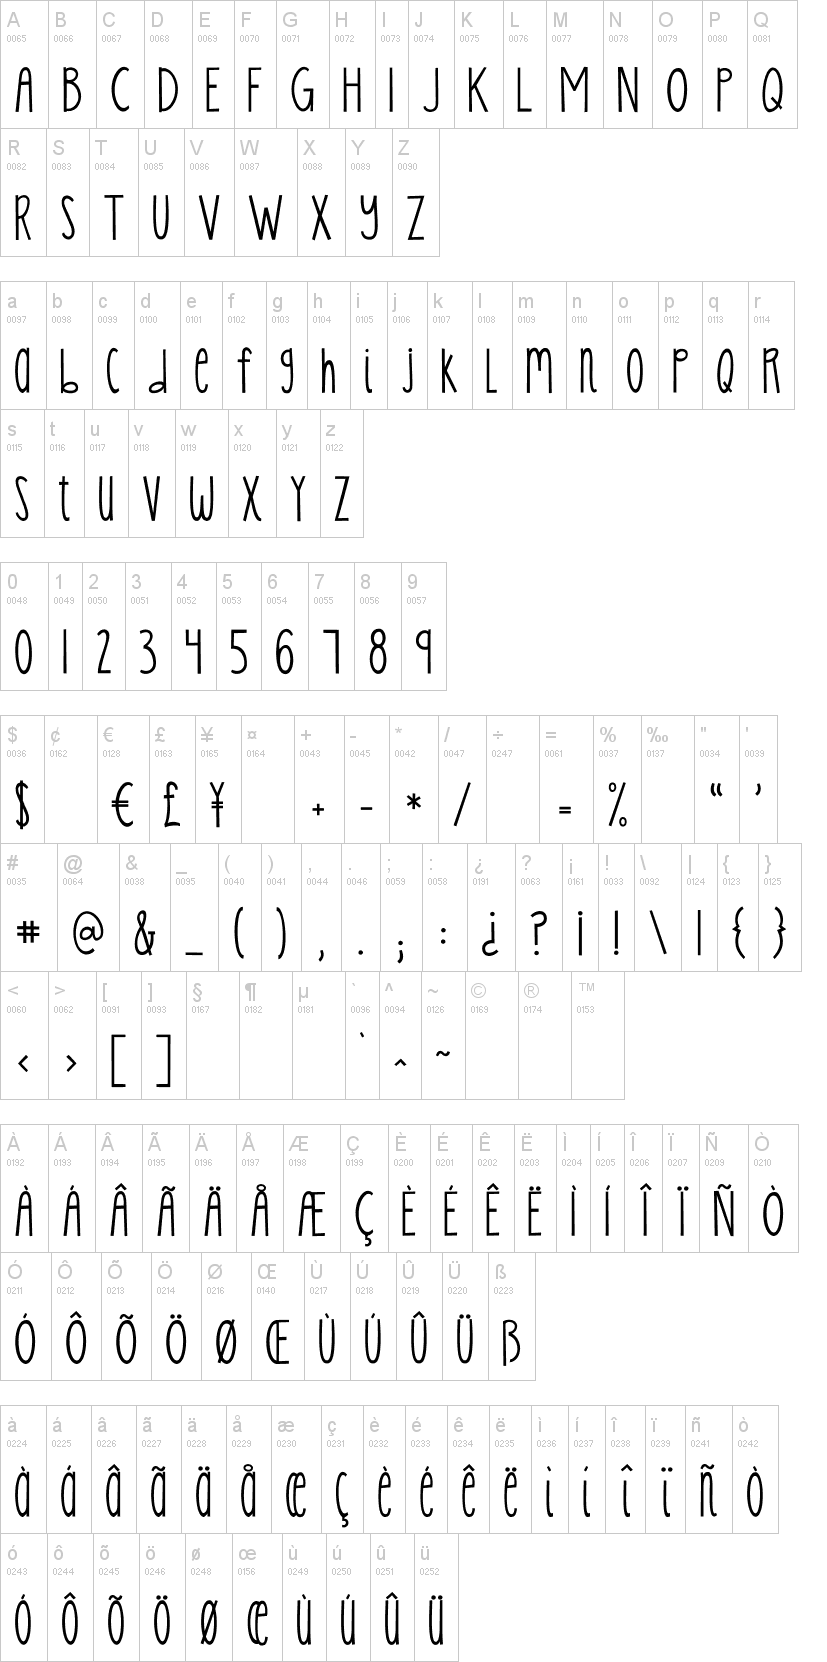 KG Skinny Latte Font | dafont com